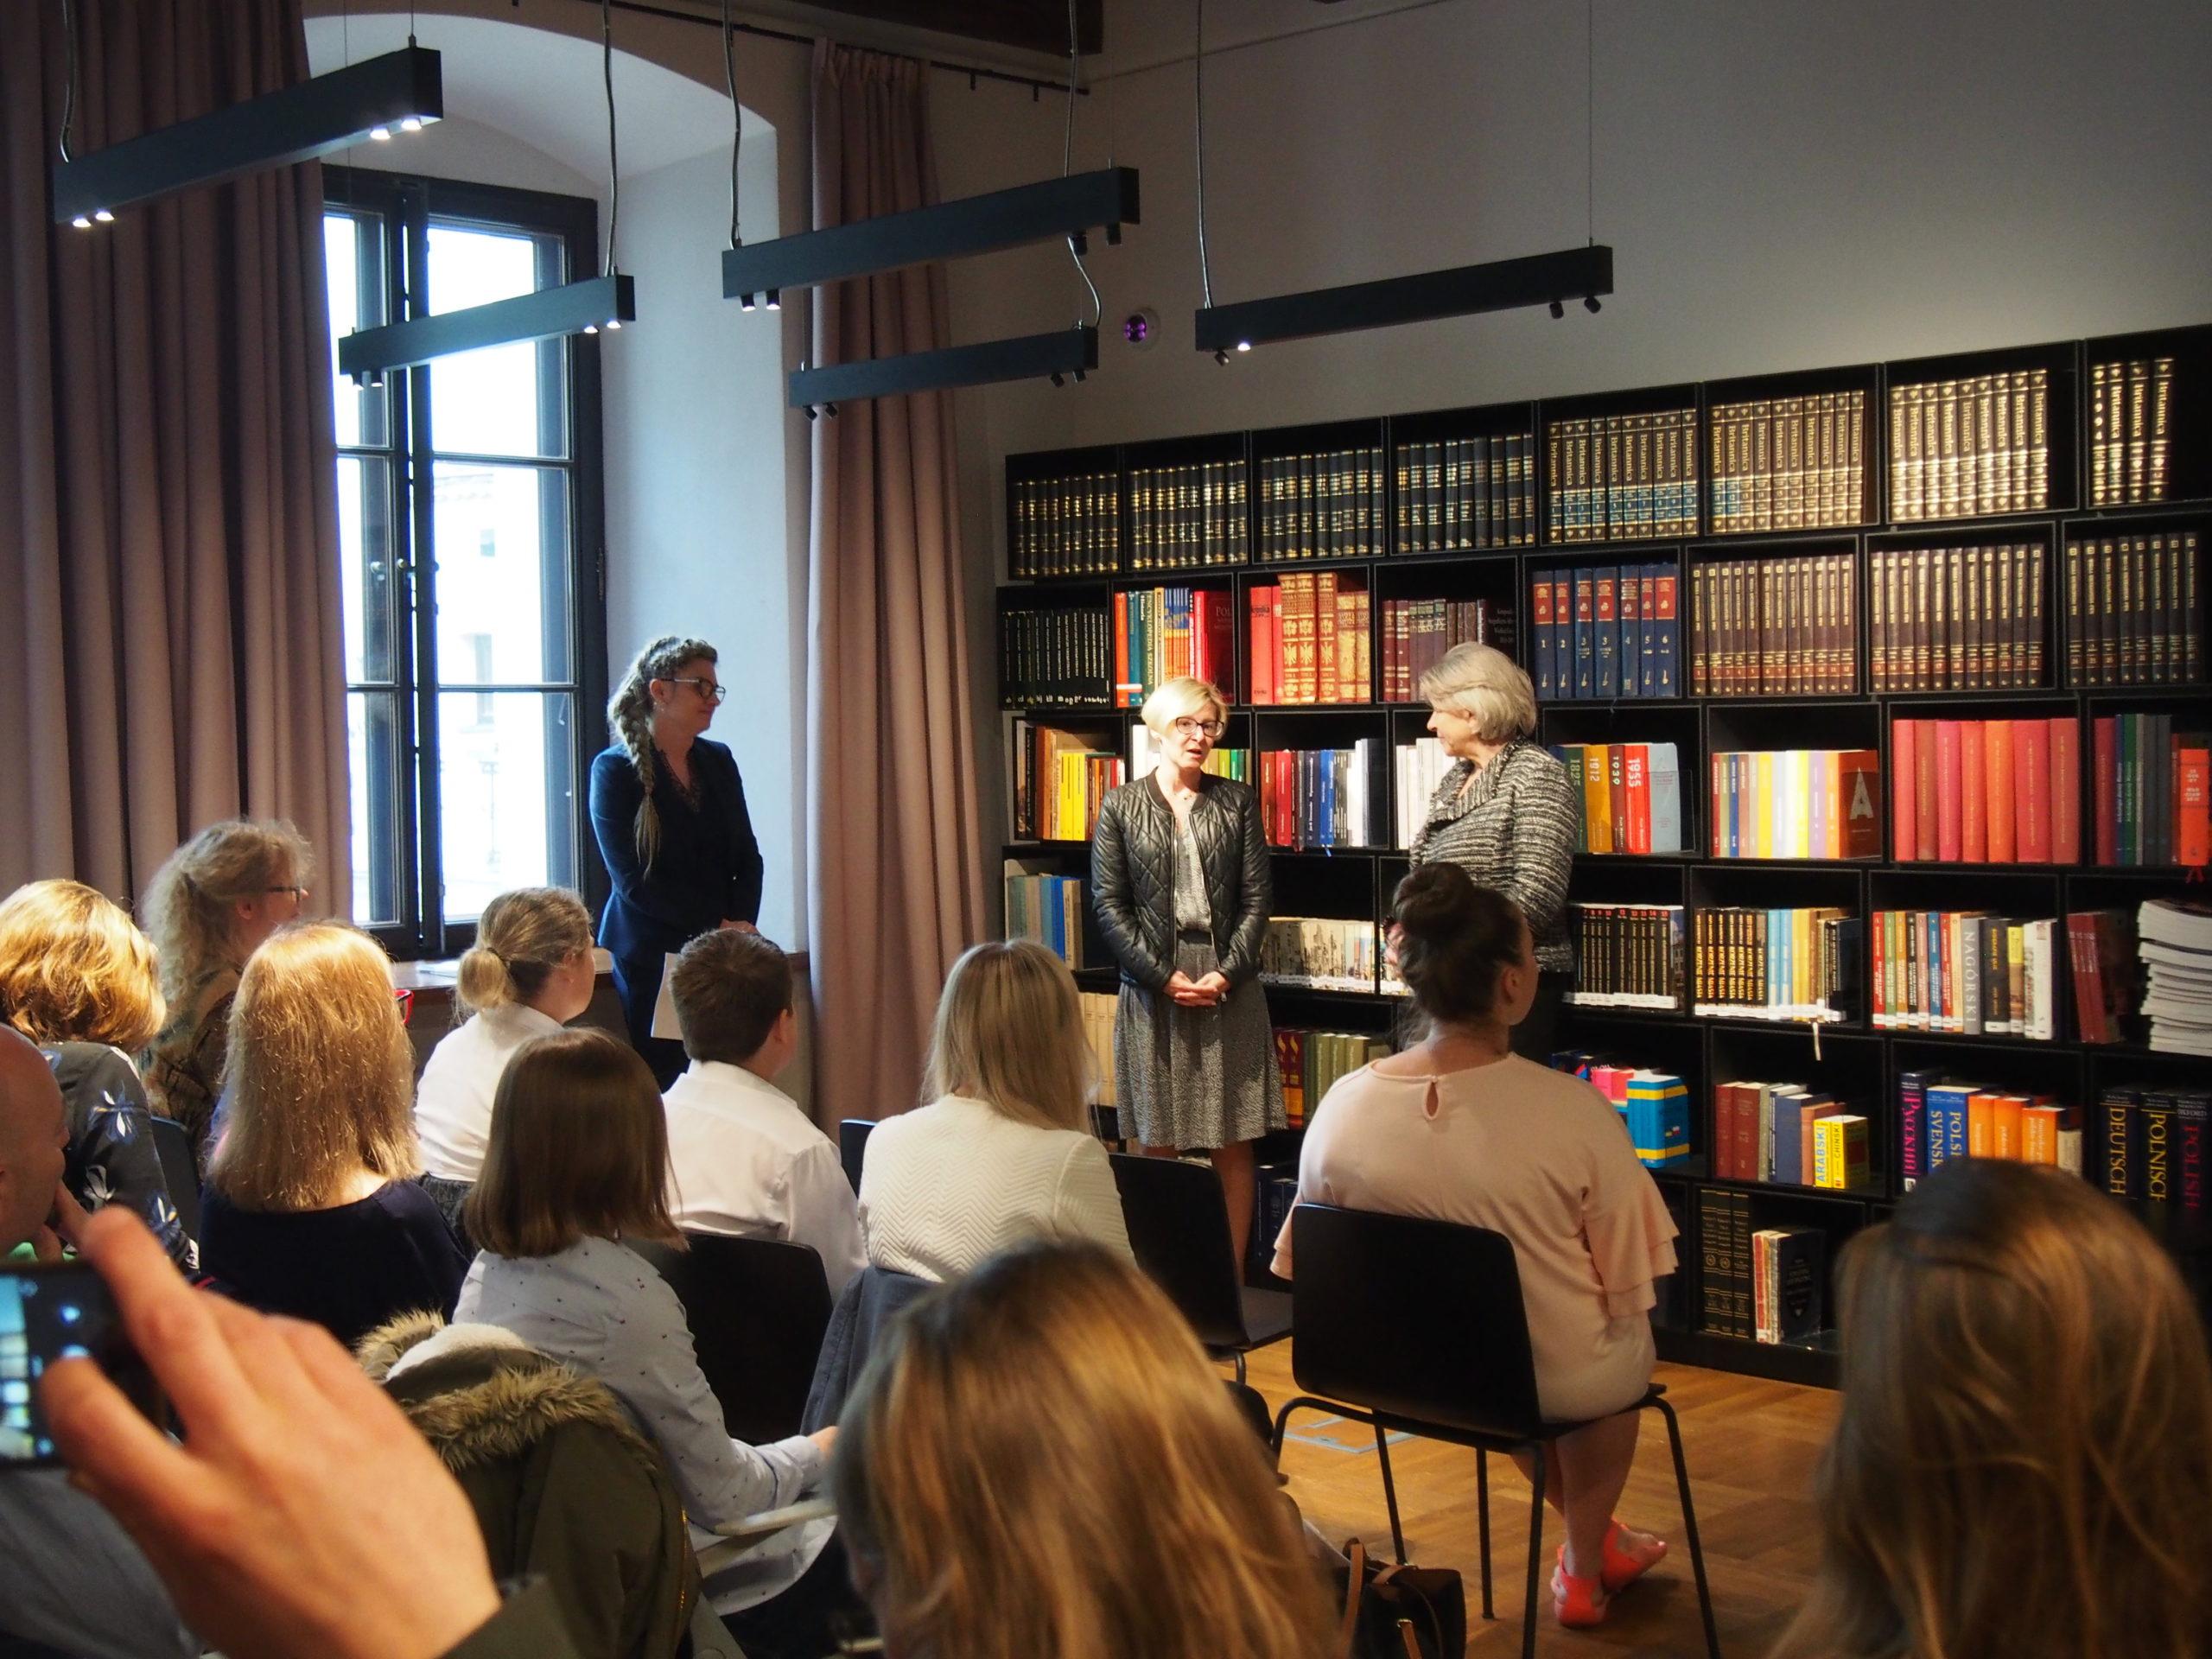 Gala wręczenia nagród. Na zdjęciu Dyrektor oraz pracownicy Muzeum Warszawy ogłaszają wyniki prze zgromadzoną w muzealnej bibliotece publicznością.